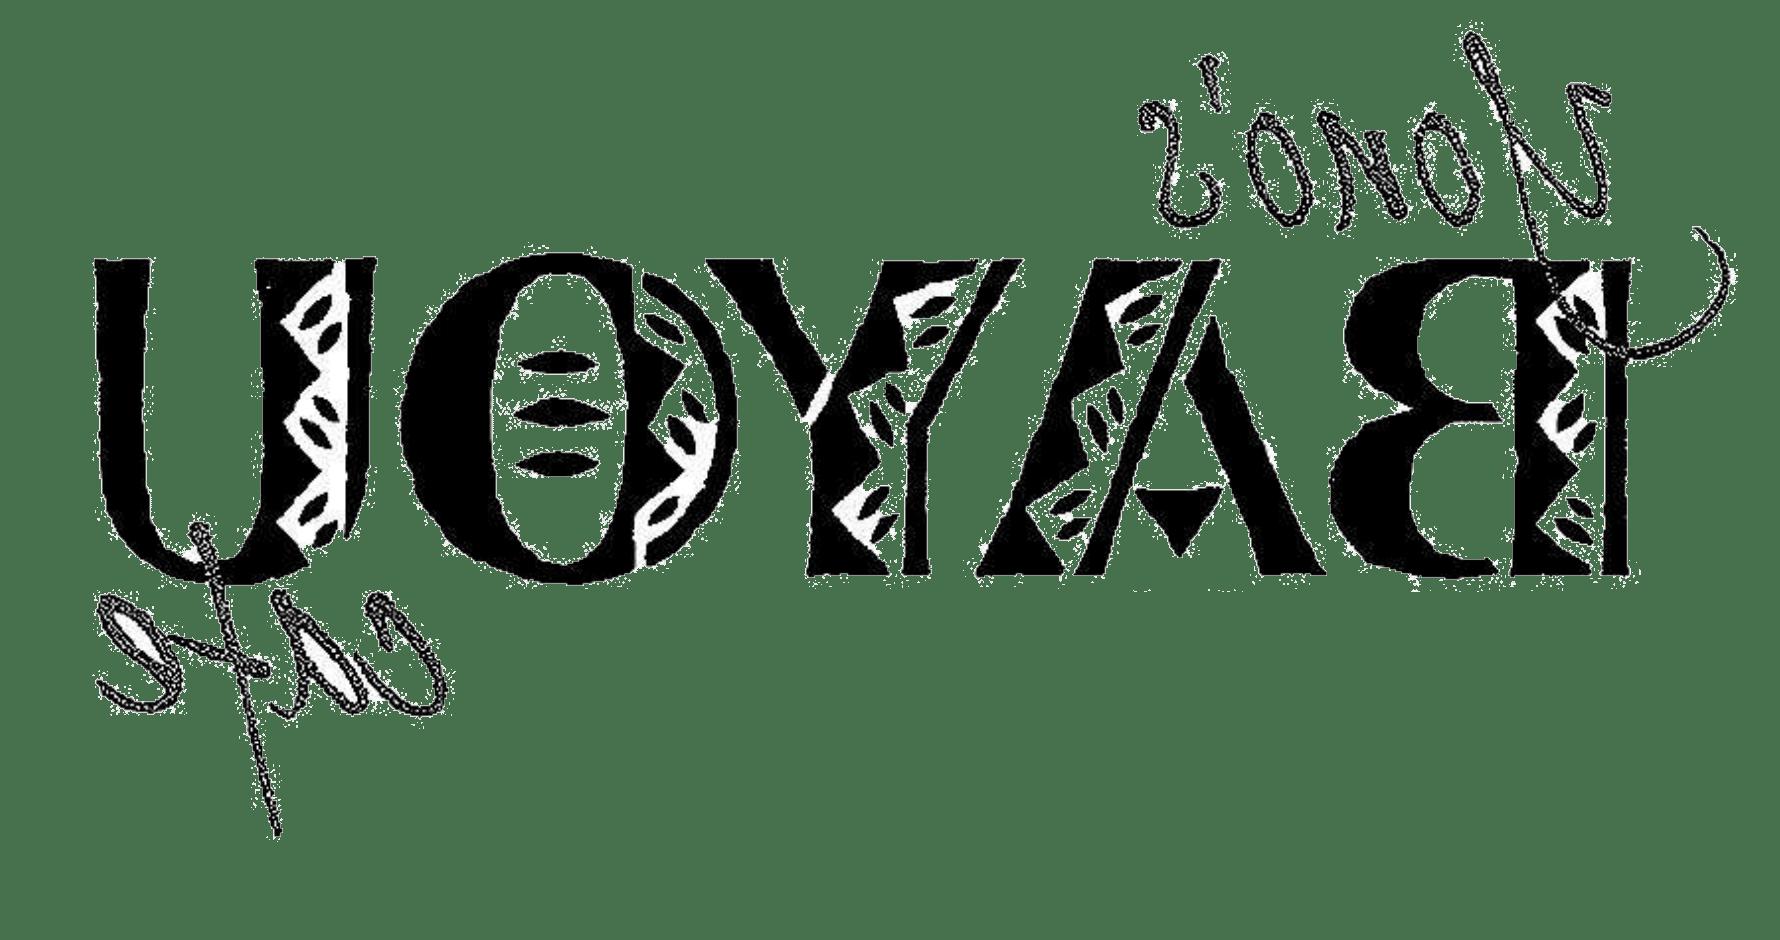 Yono's Bayou咖啡店的黑字Logo